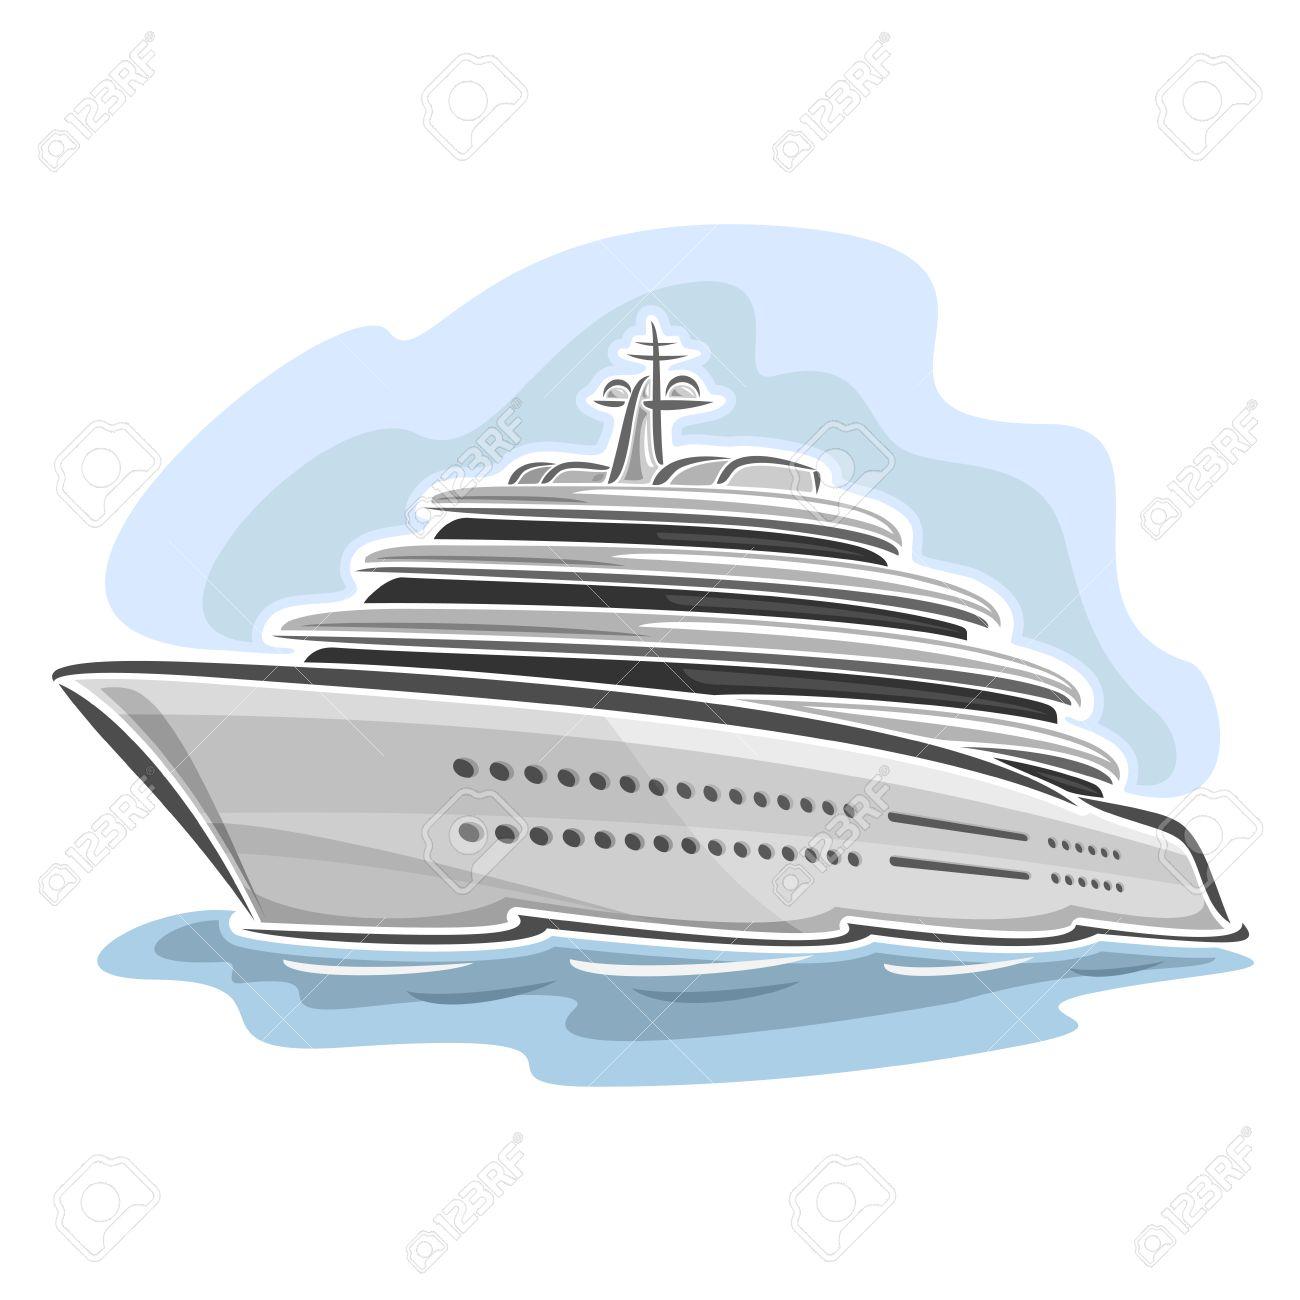 Vector Illustration D Un Grand Mega Yacht Composé De Croisière Dessin Animé Paquebot De Luxe Bateau Flottant Sur Les Vagues De La Mer Océan Gros